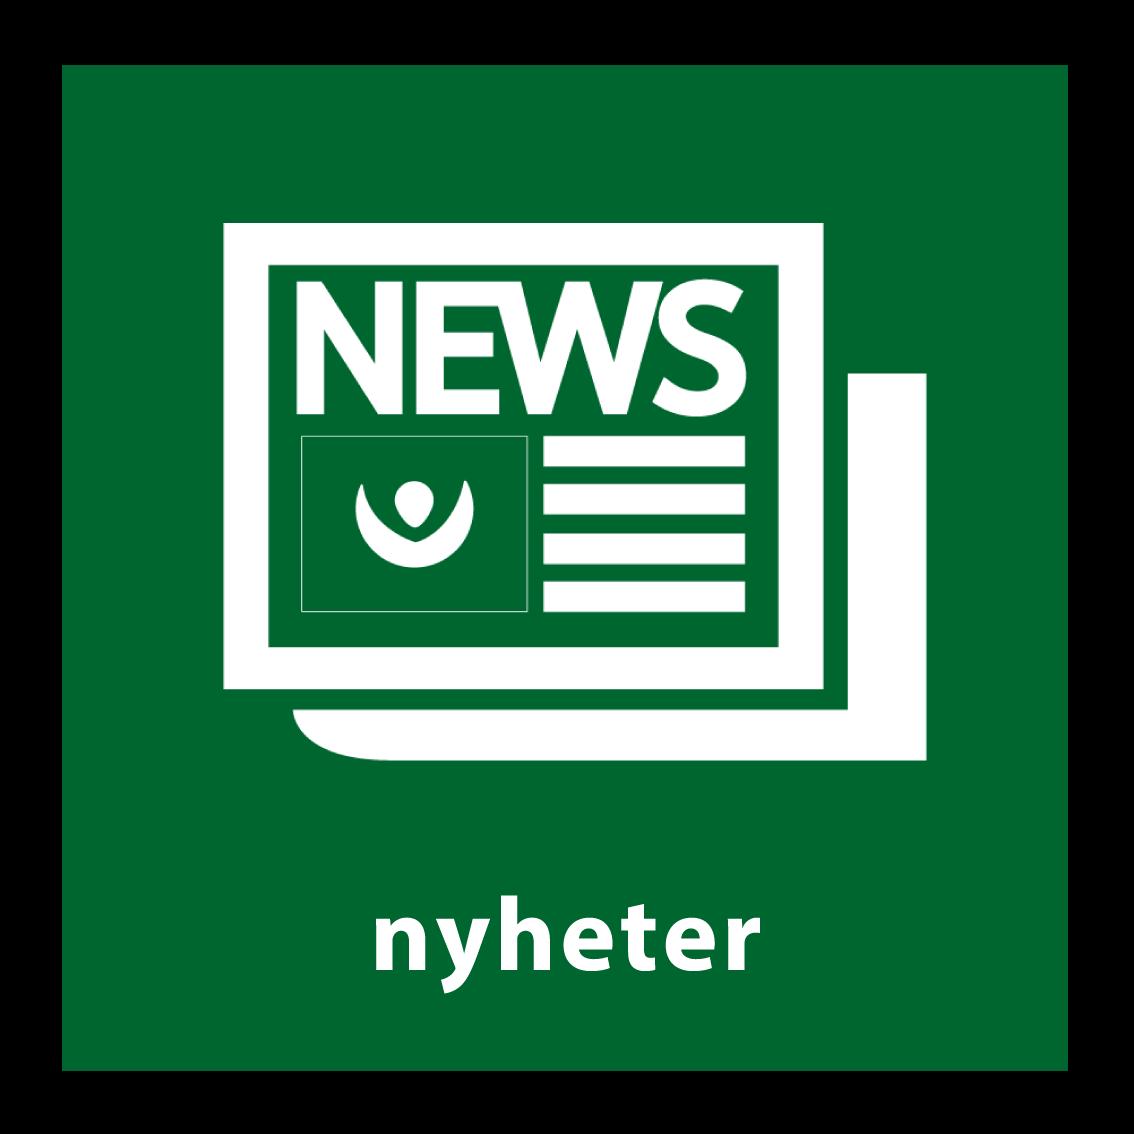 nyheter knapp